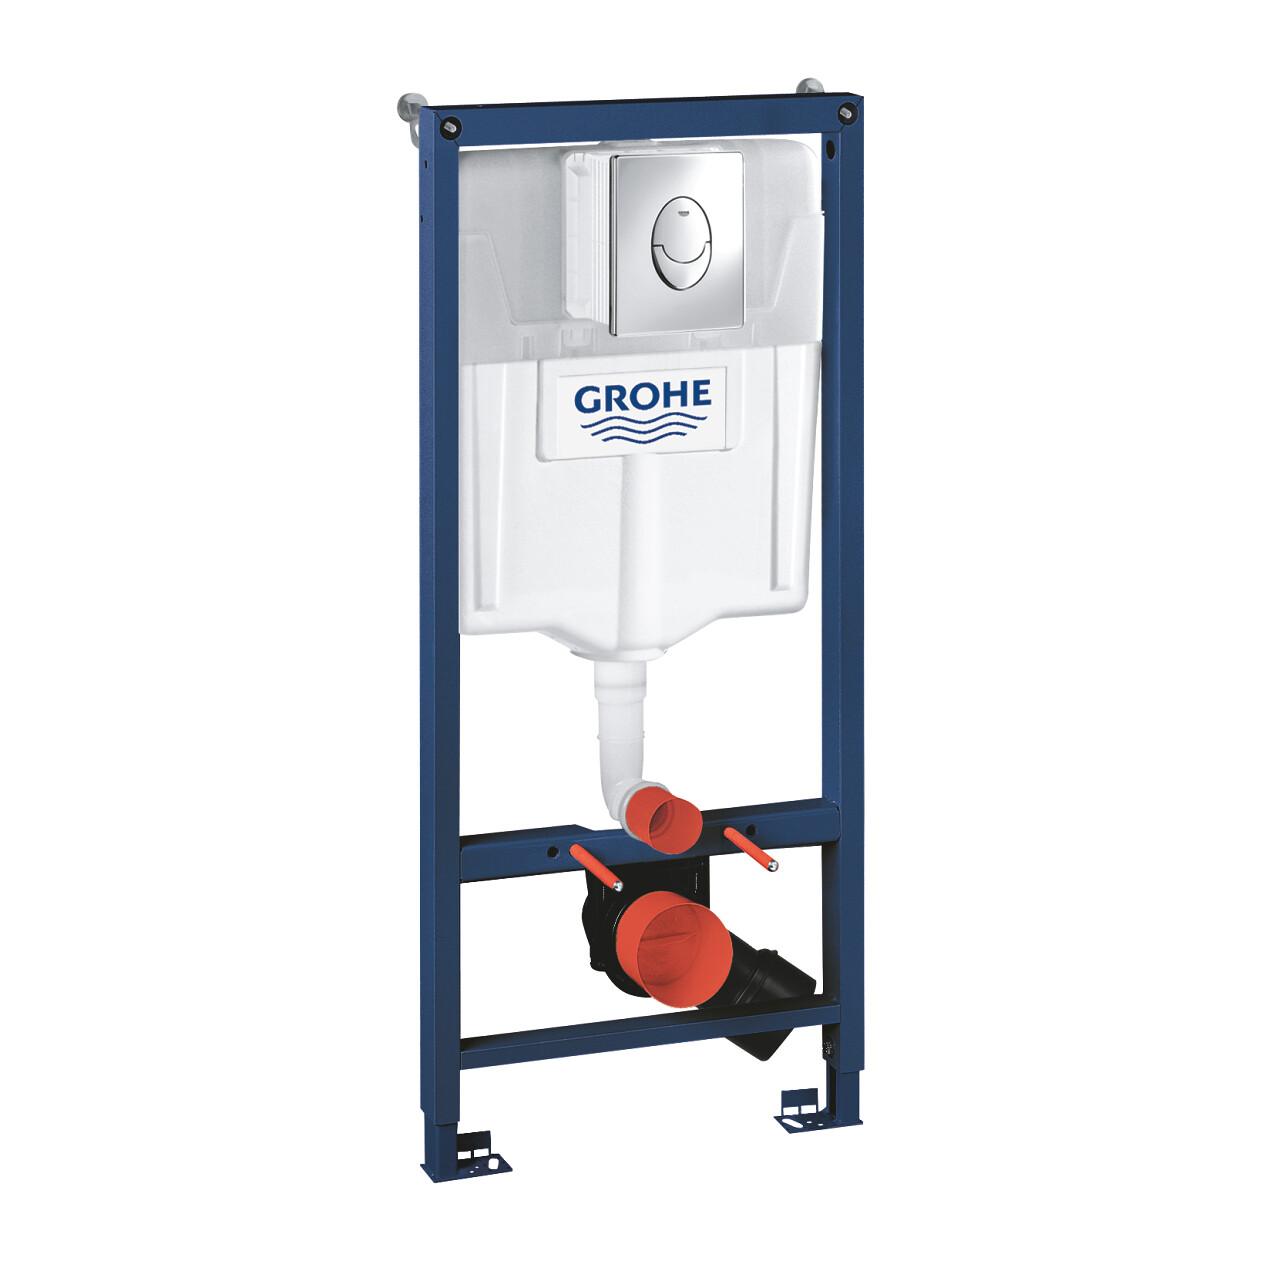 Инсталляция для унитаза подвесного стандартная GROHE Rapid SL 38721001